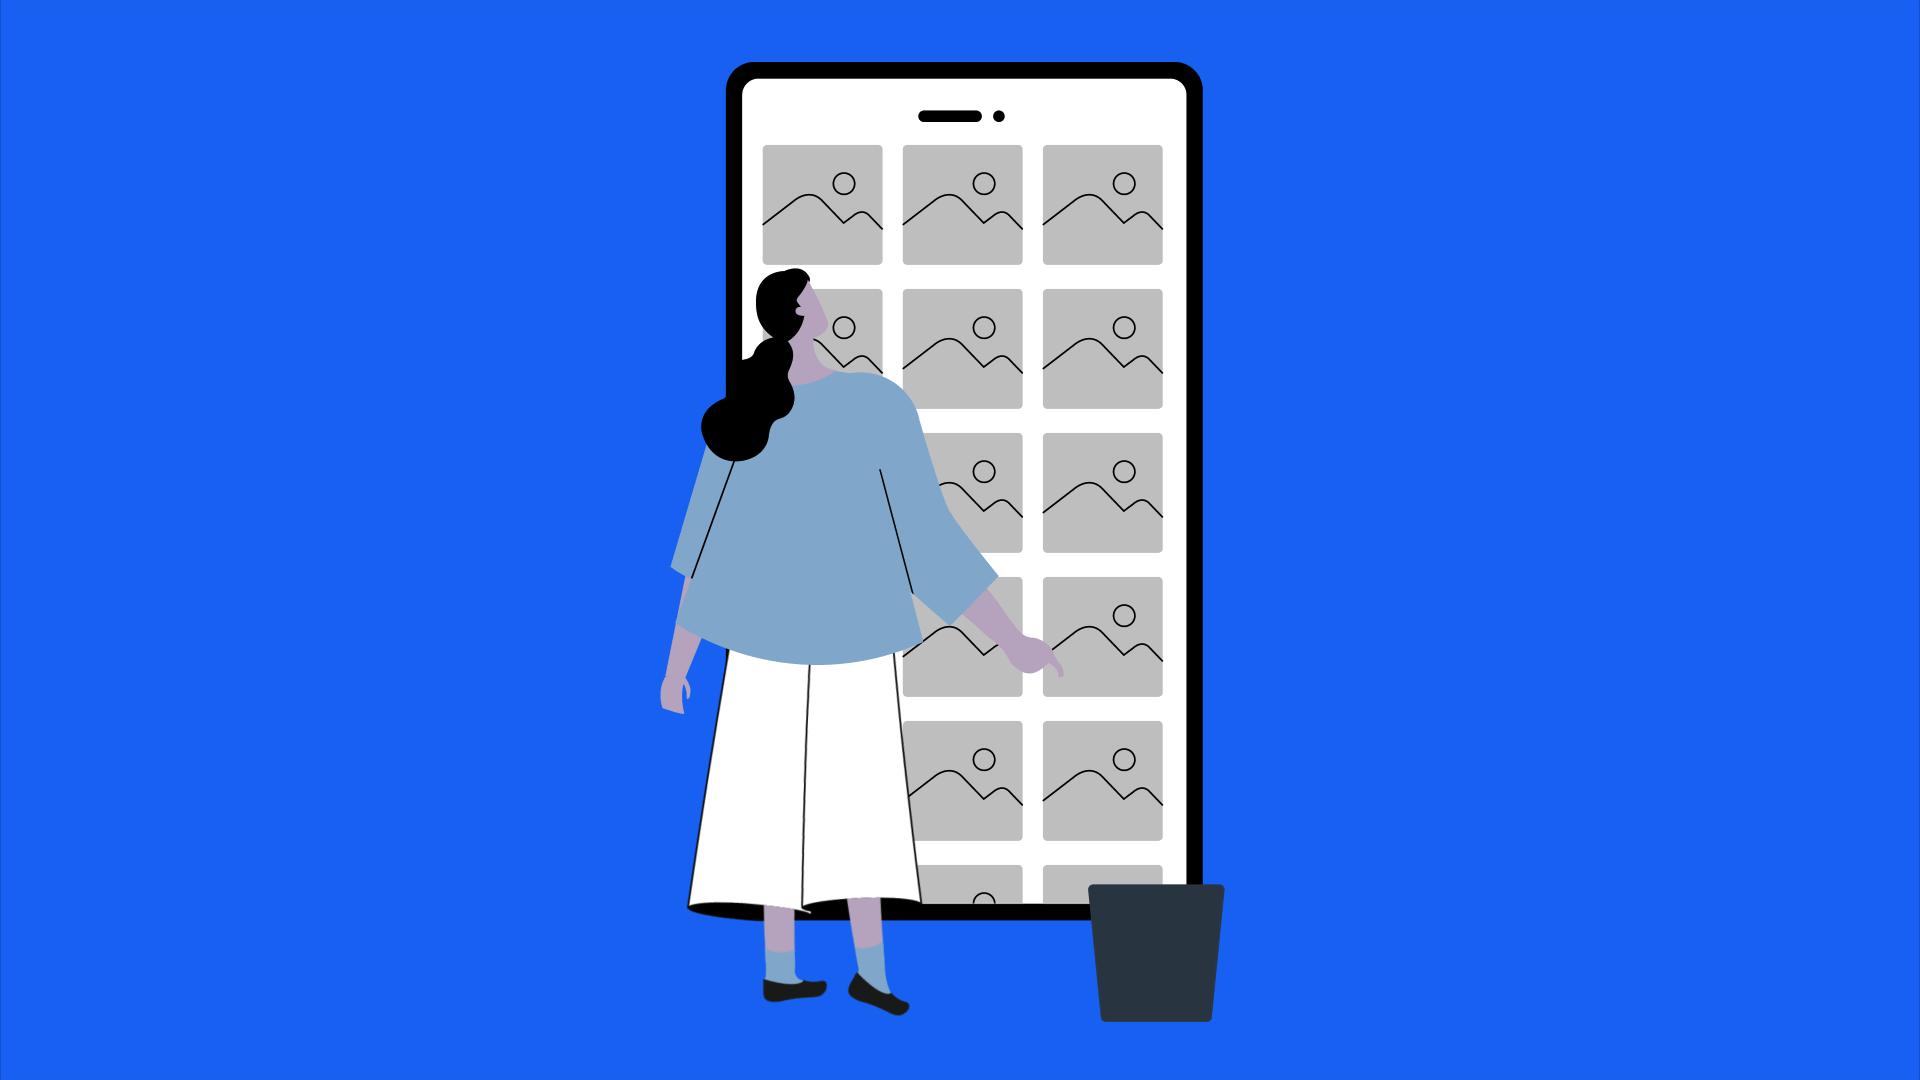 페이스북 게시물 보관 또는 삭제 간편하게…페이스북, '활동 관리' 기능 추가